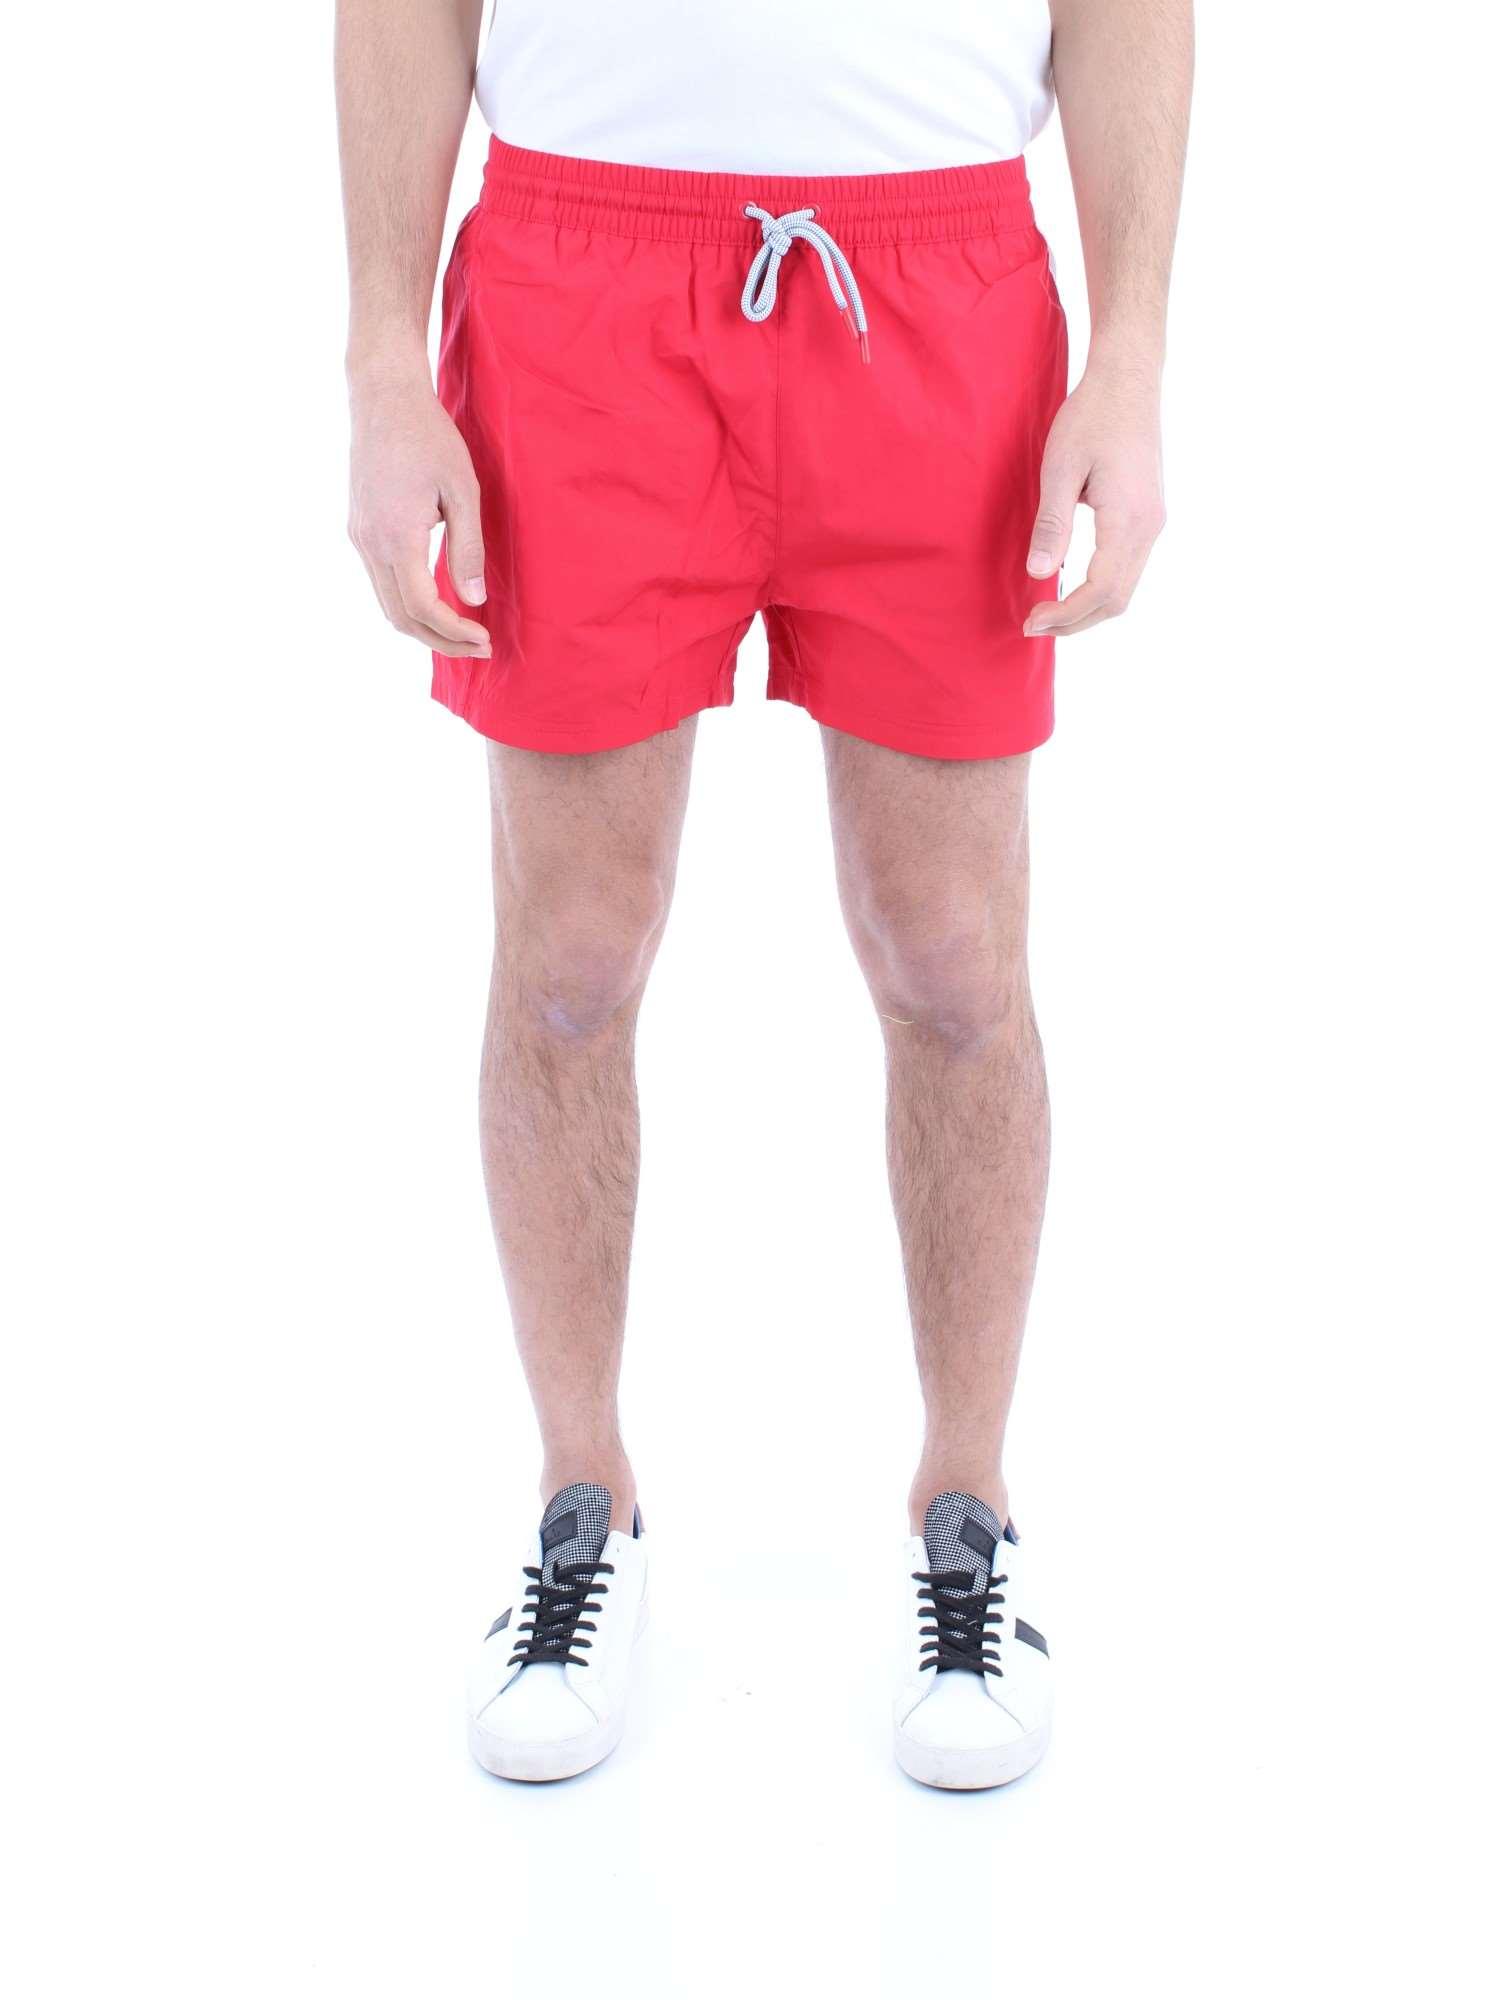 9132c831df1b Colore: Rosso bianco-G12 Materiale: nylon. Costume da bagno uomo Fila  elastico in vita e coulisse retina interna stampa logo due tasche frontali